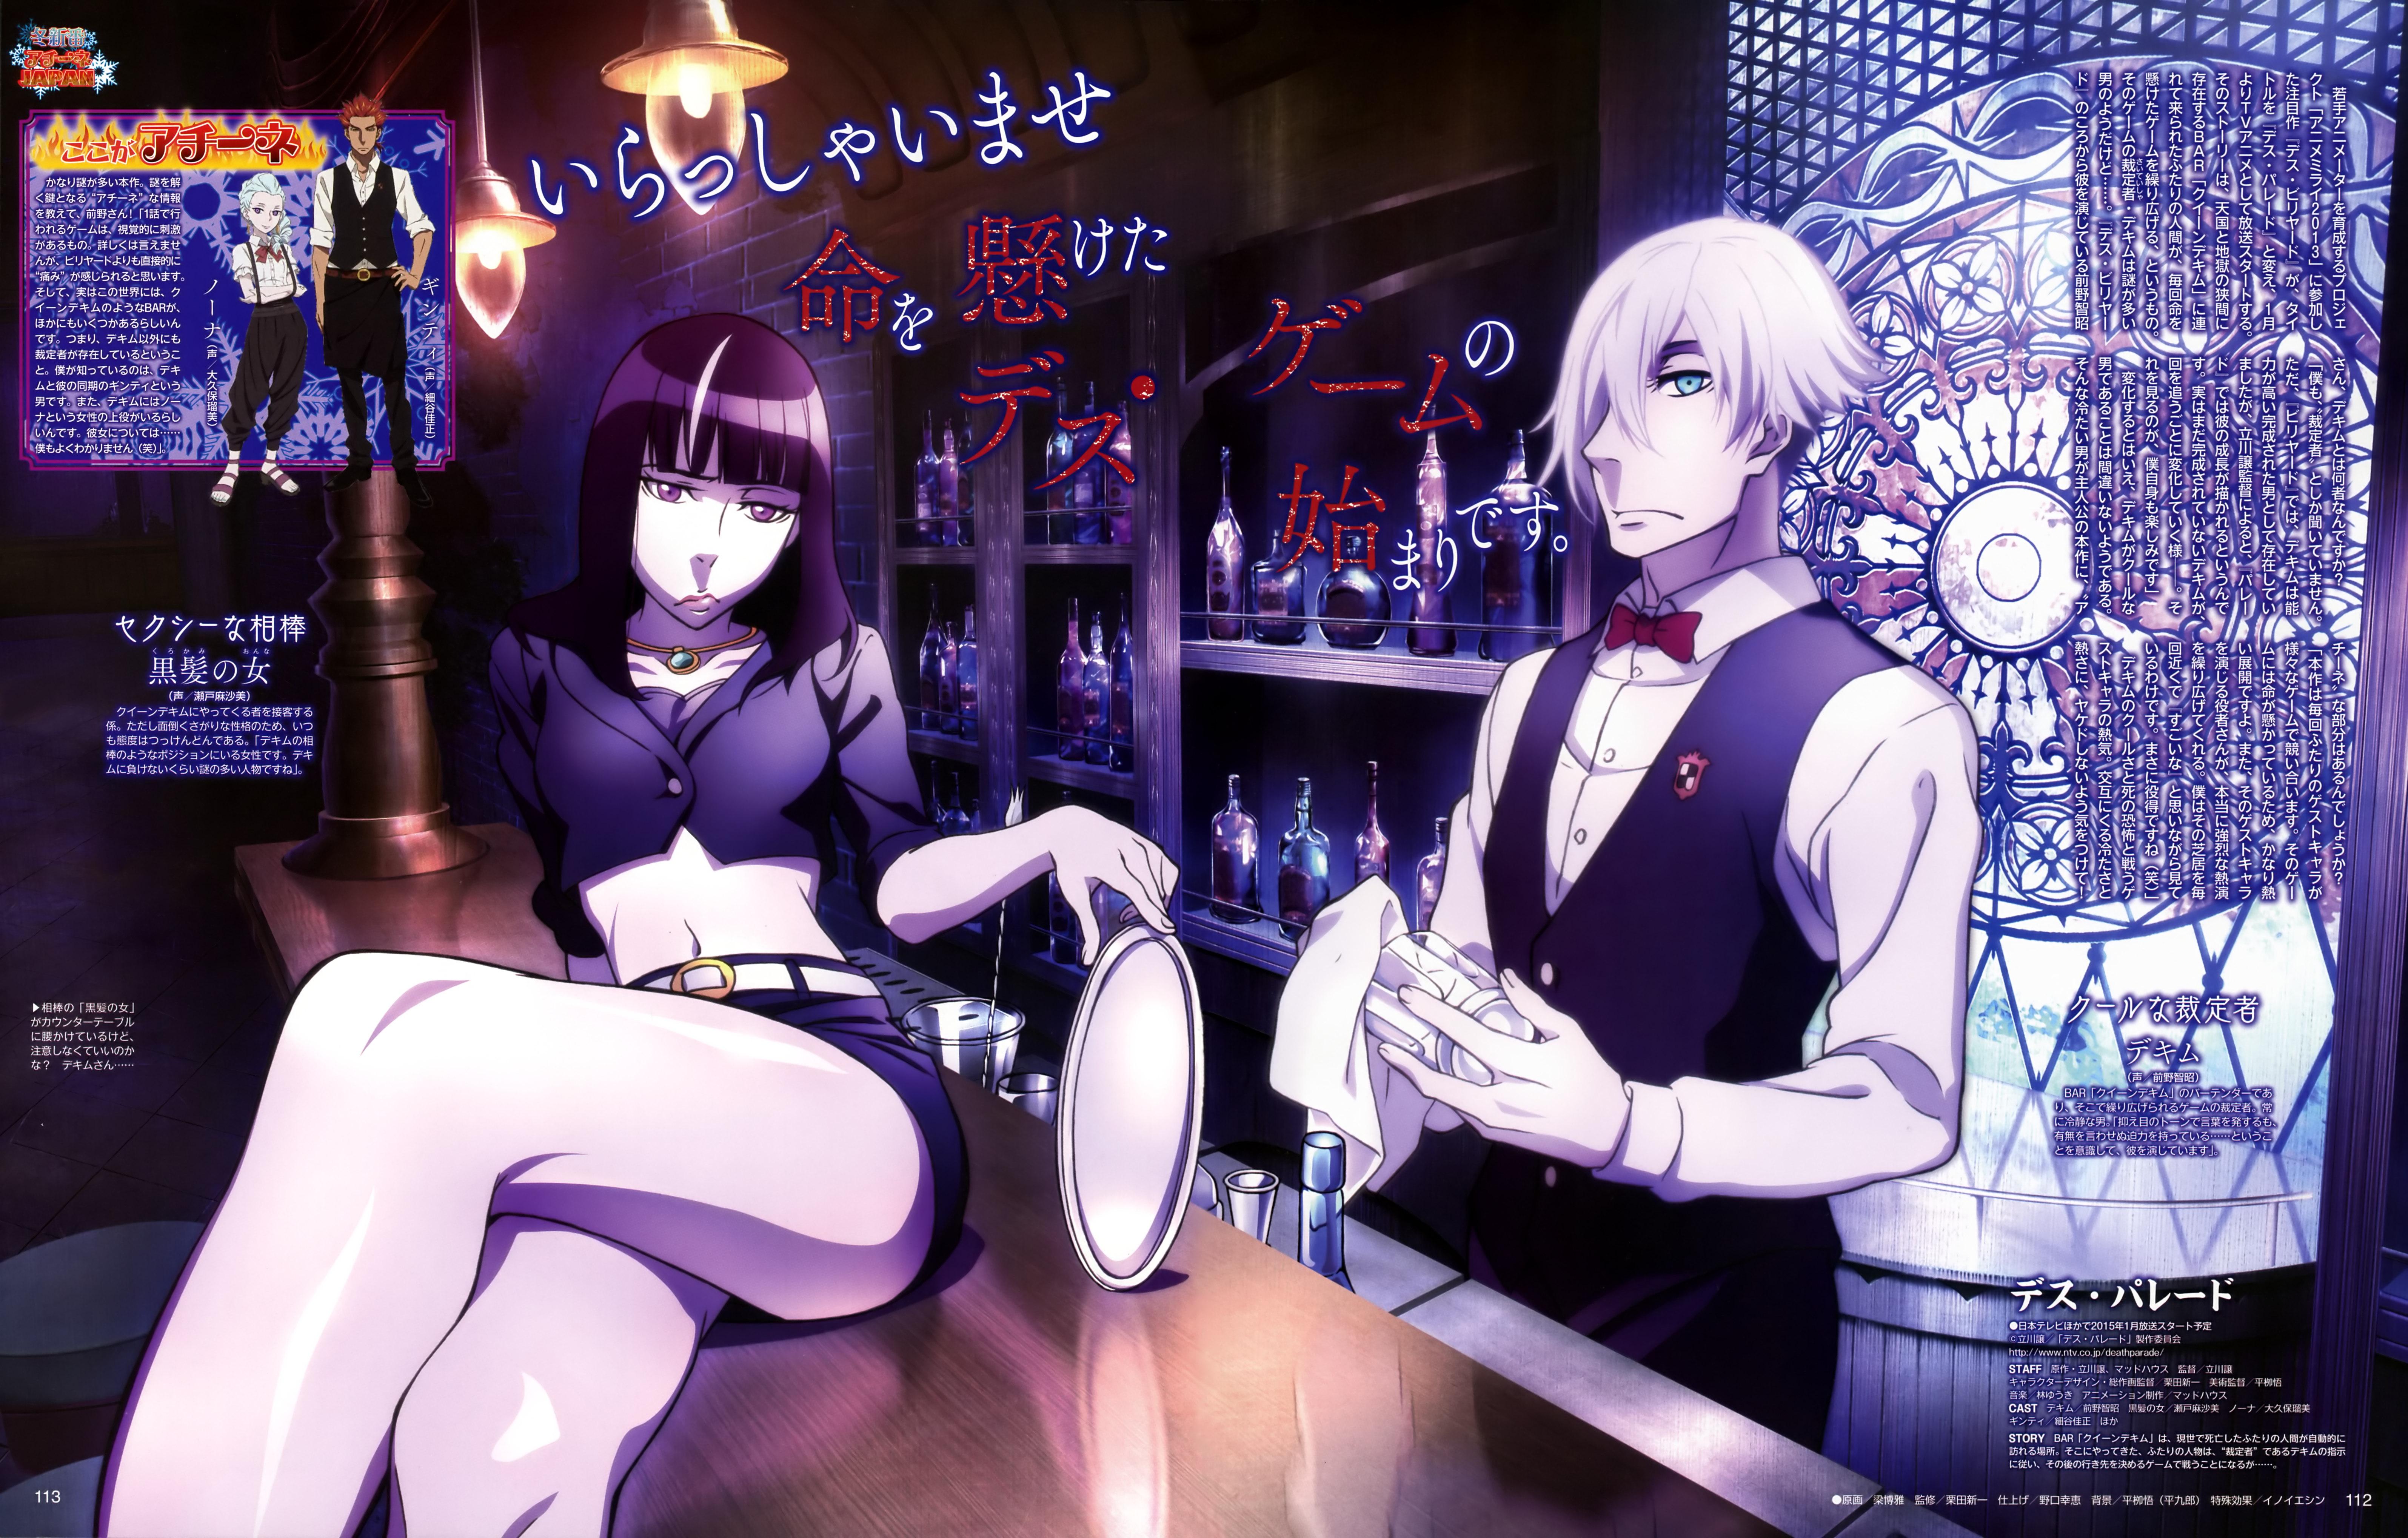 [Anime]Death Parade Yande.re%20305834%20death_parade